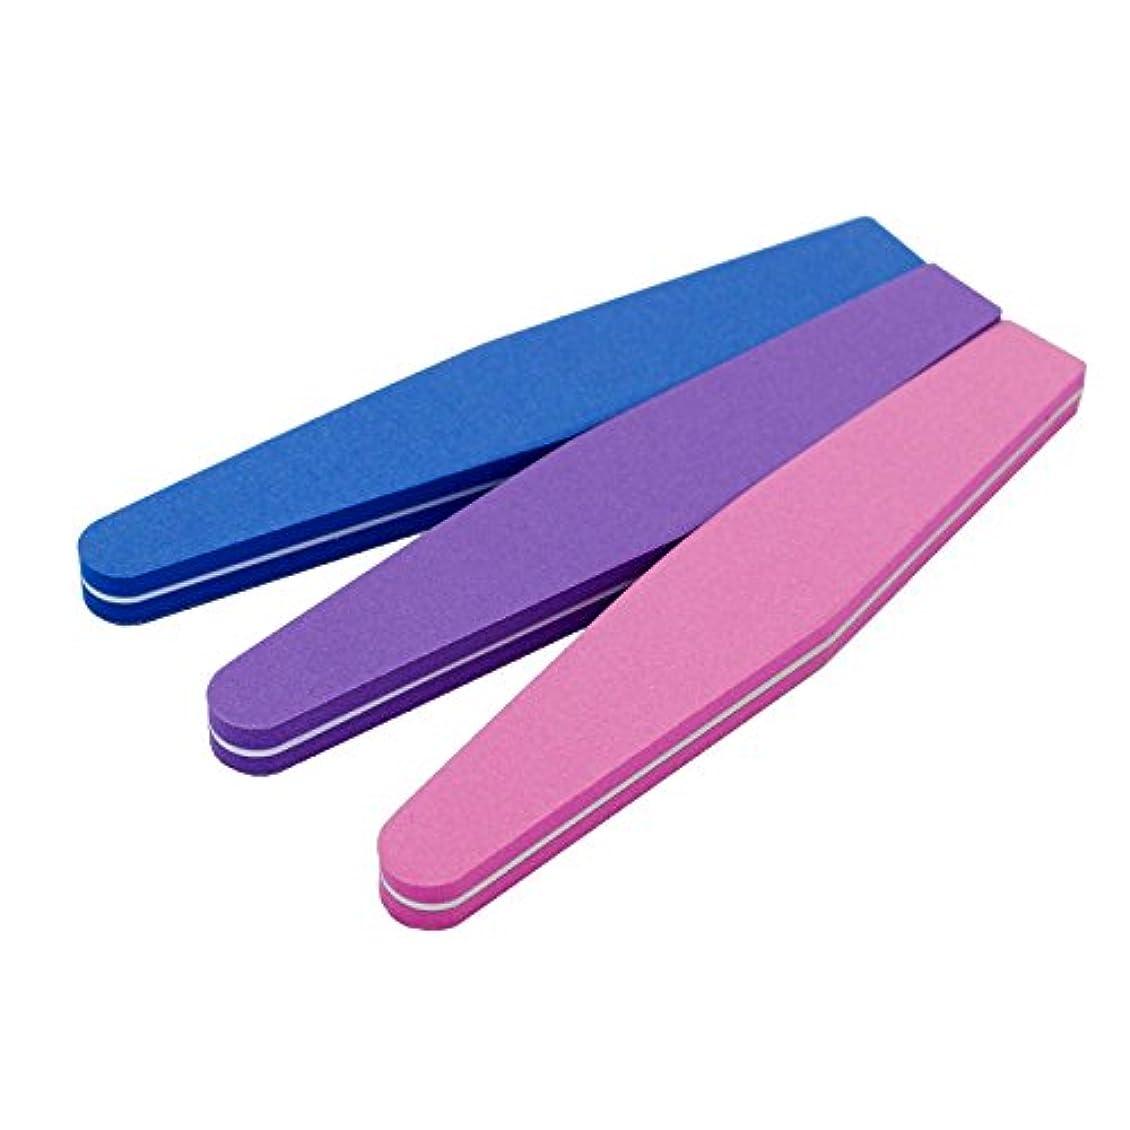 JomMart スポンジ ネイルファイル 爪用ヤスリ 3色セット(ピンク パープル ブルー) BY0040